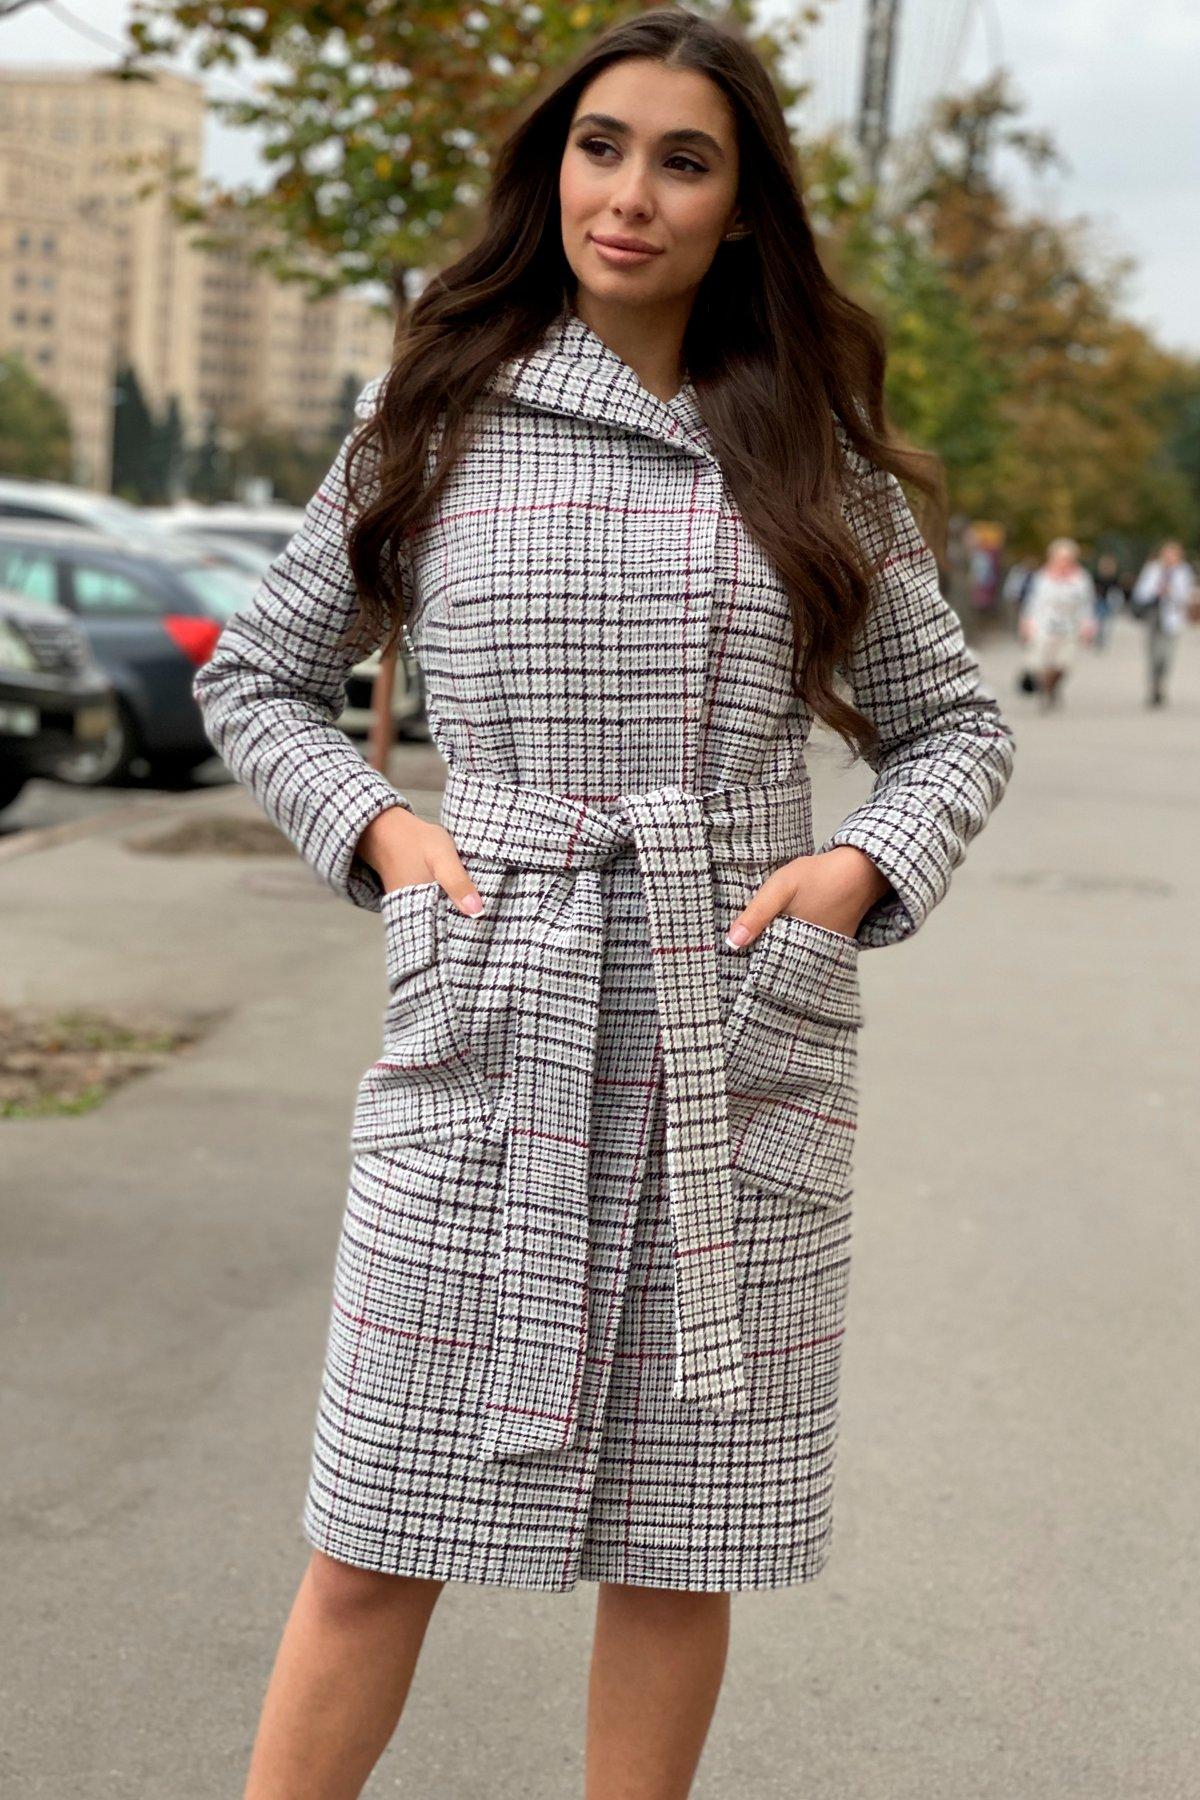 Зимнее пальто в стильную клетку Анджи 8276 АРТ. 44724 Цвет: Клетка кр черн/сер/вин - фото 6, интернет магазин tm-modus.ru